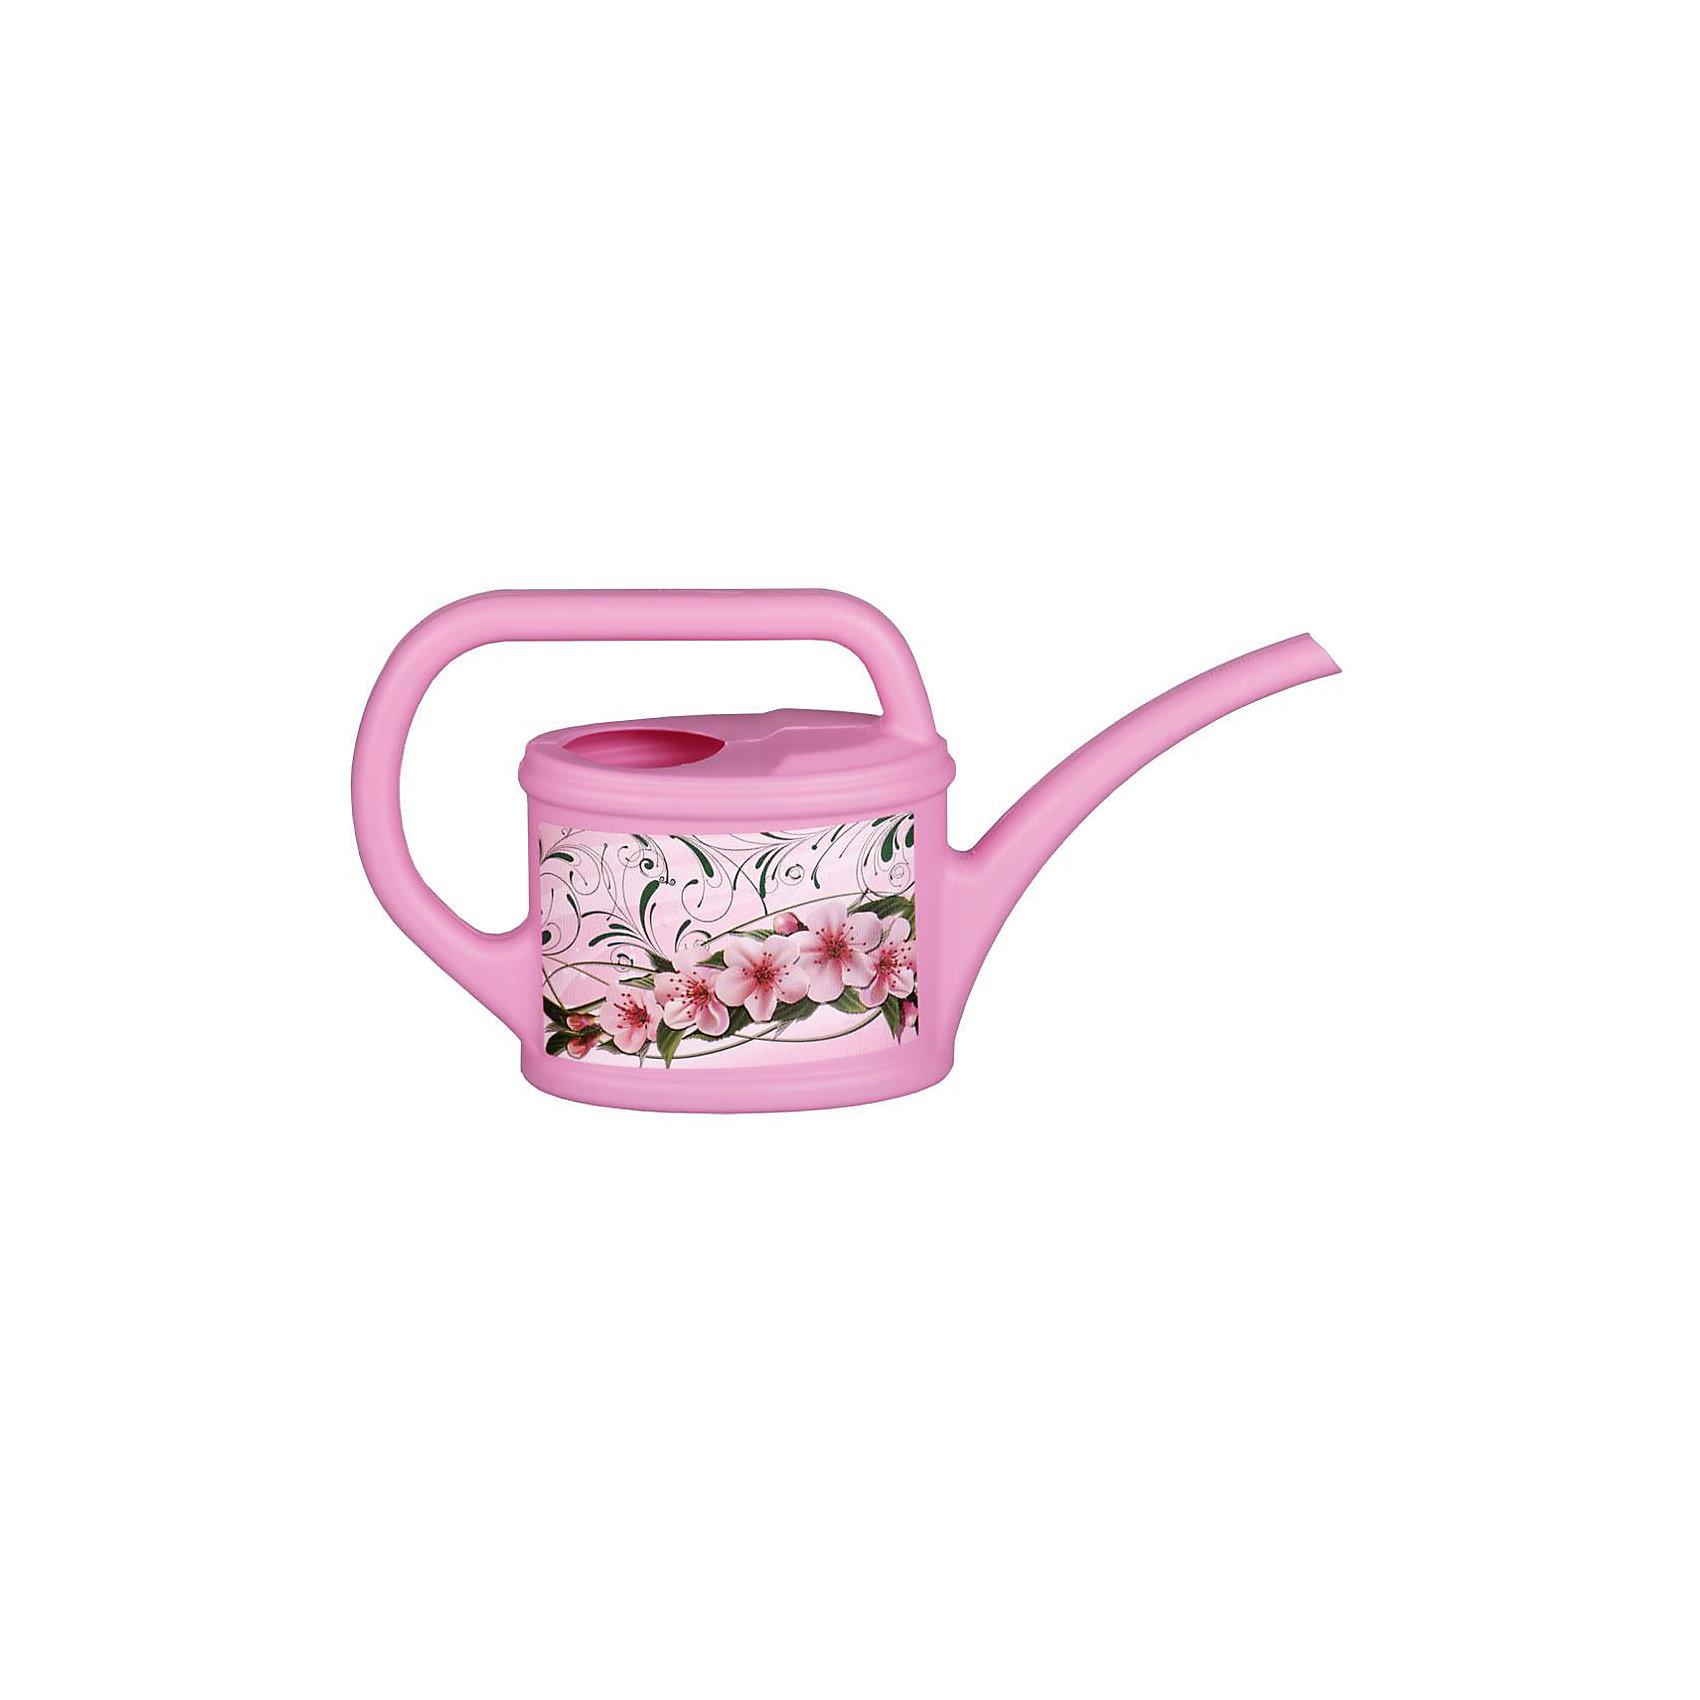 Alternativa Лейка детская Декор 0,4л. ,  Alternativa, розовый alternativa горка для купания alternativa розовый